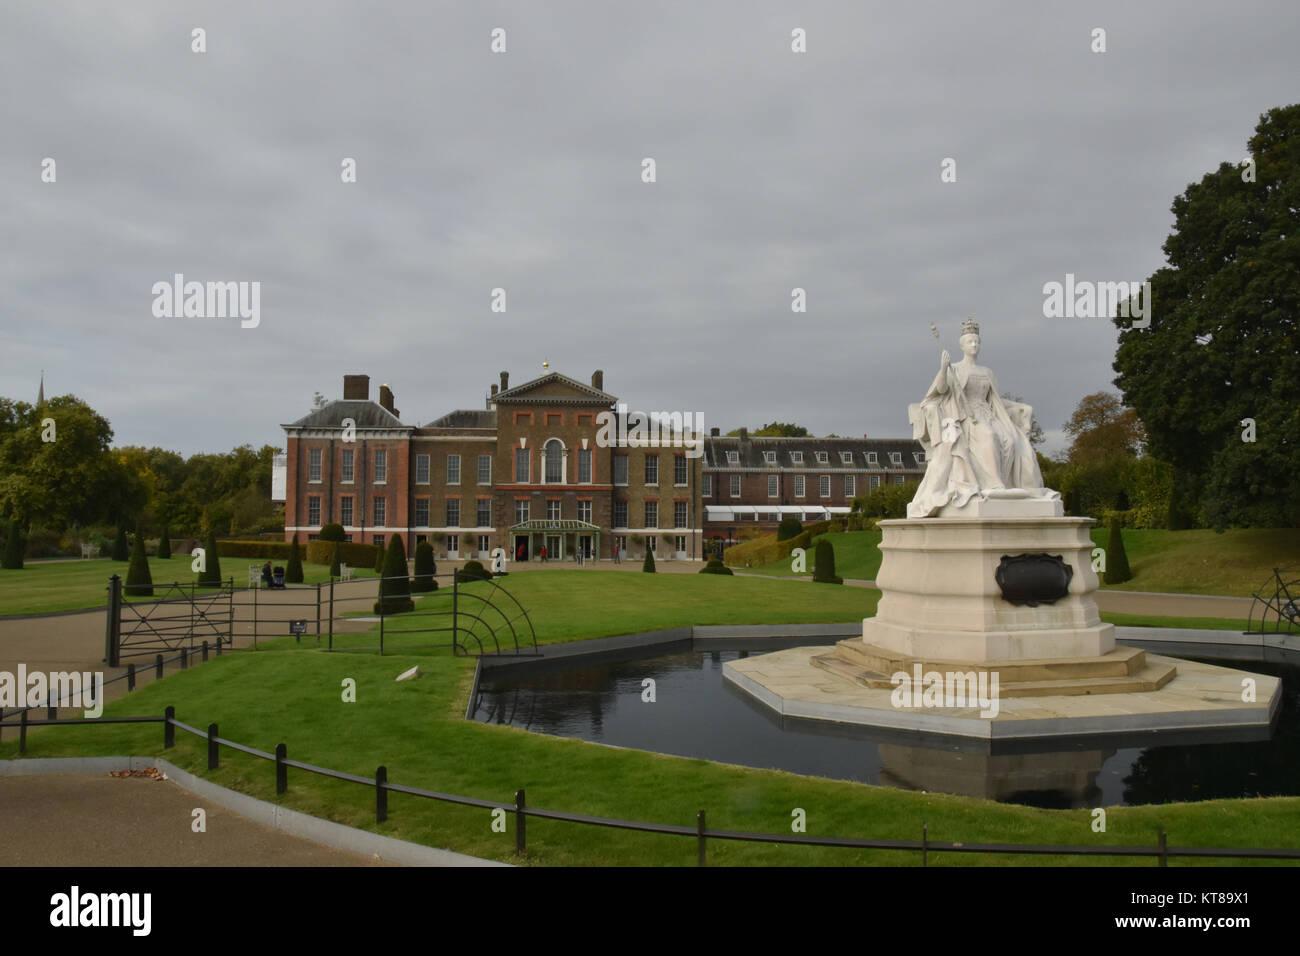 El Palacio de Kensington, Londres, Inglaterra, 4 de octubre, 2017 Foto de stock